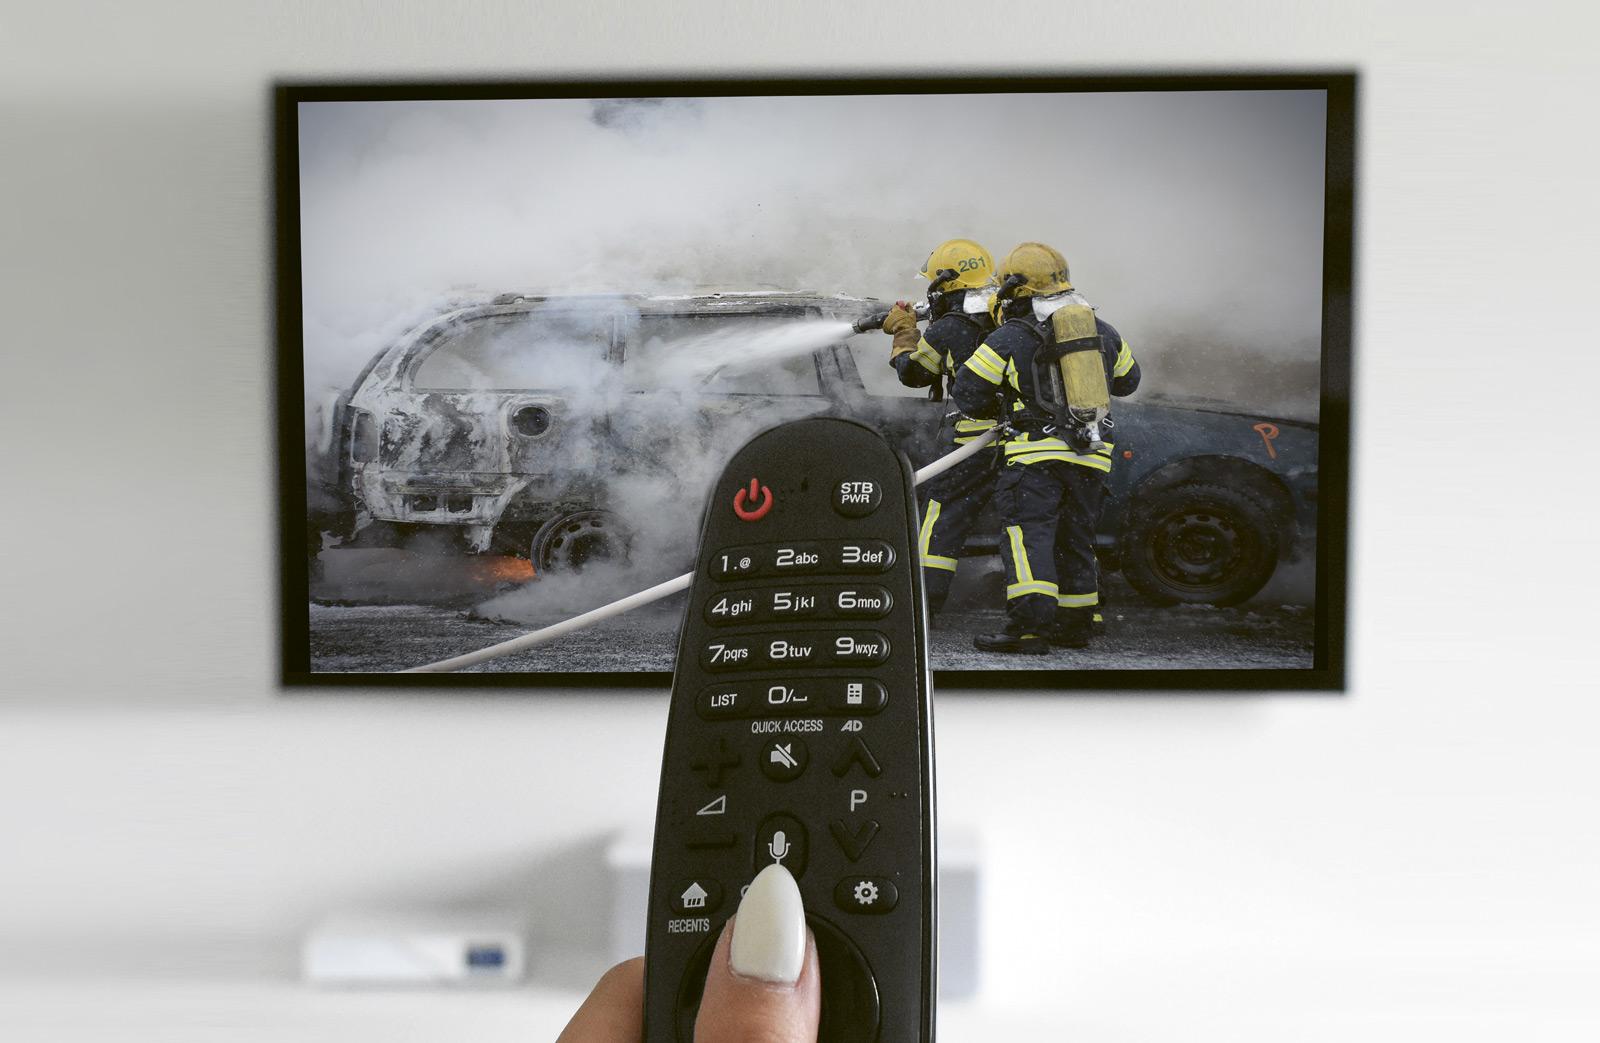 Jokainen viestin vastaanottaja on yksilö, joka reagoi viestiin yksilöllisellä tavalla. Myös mediayhteistyötä harjoitellaan pelastusalalla ennalta.